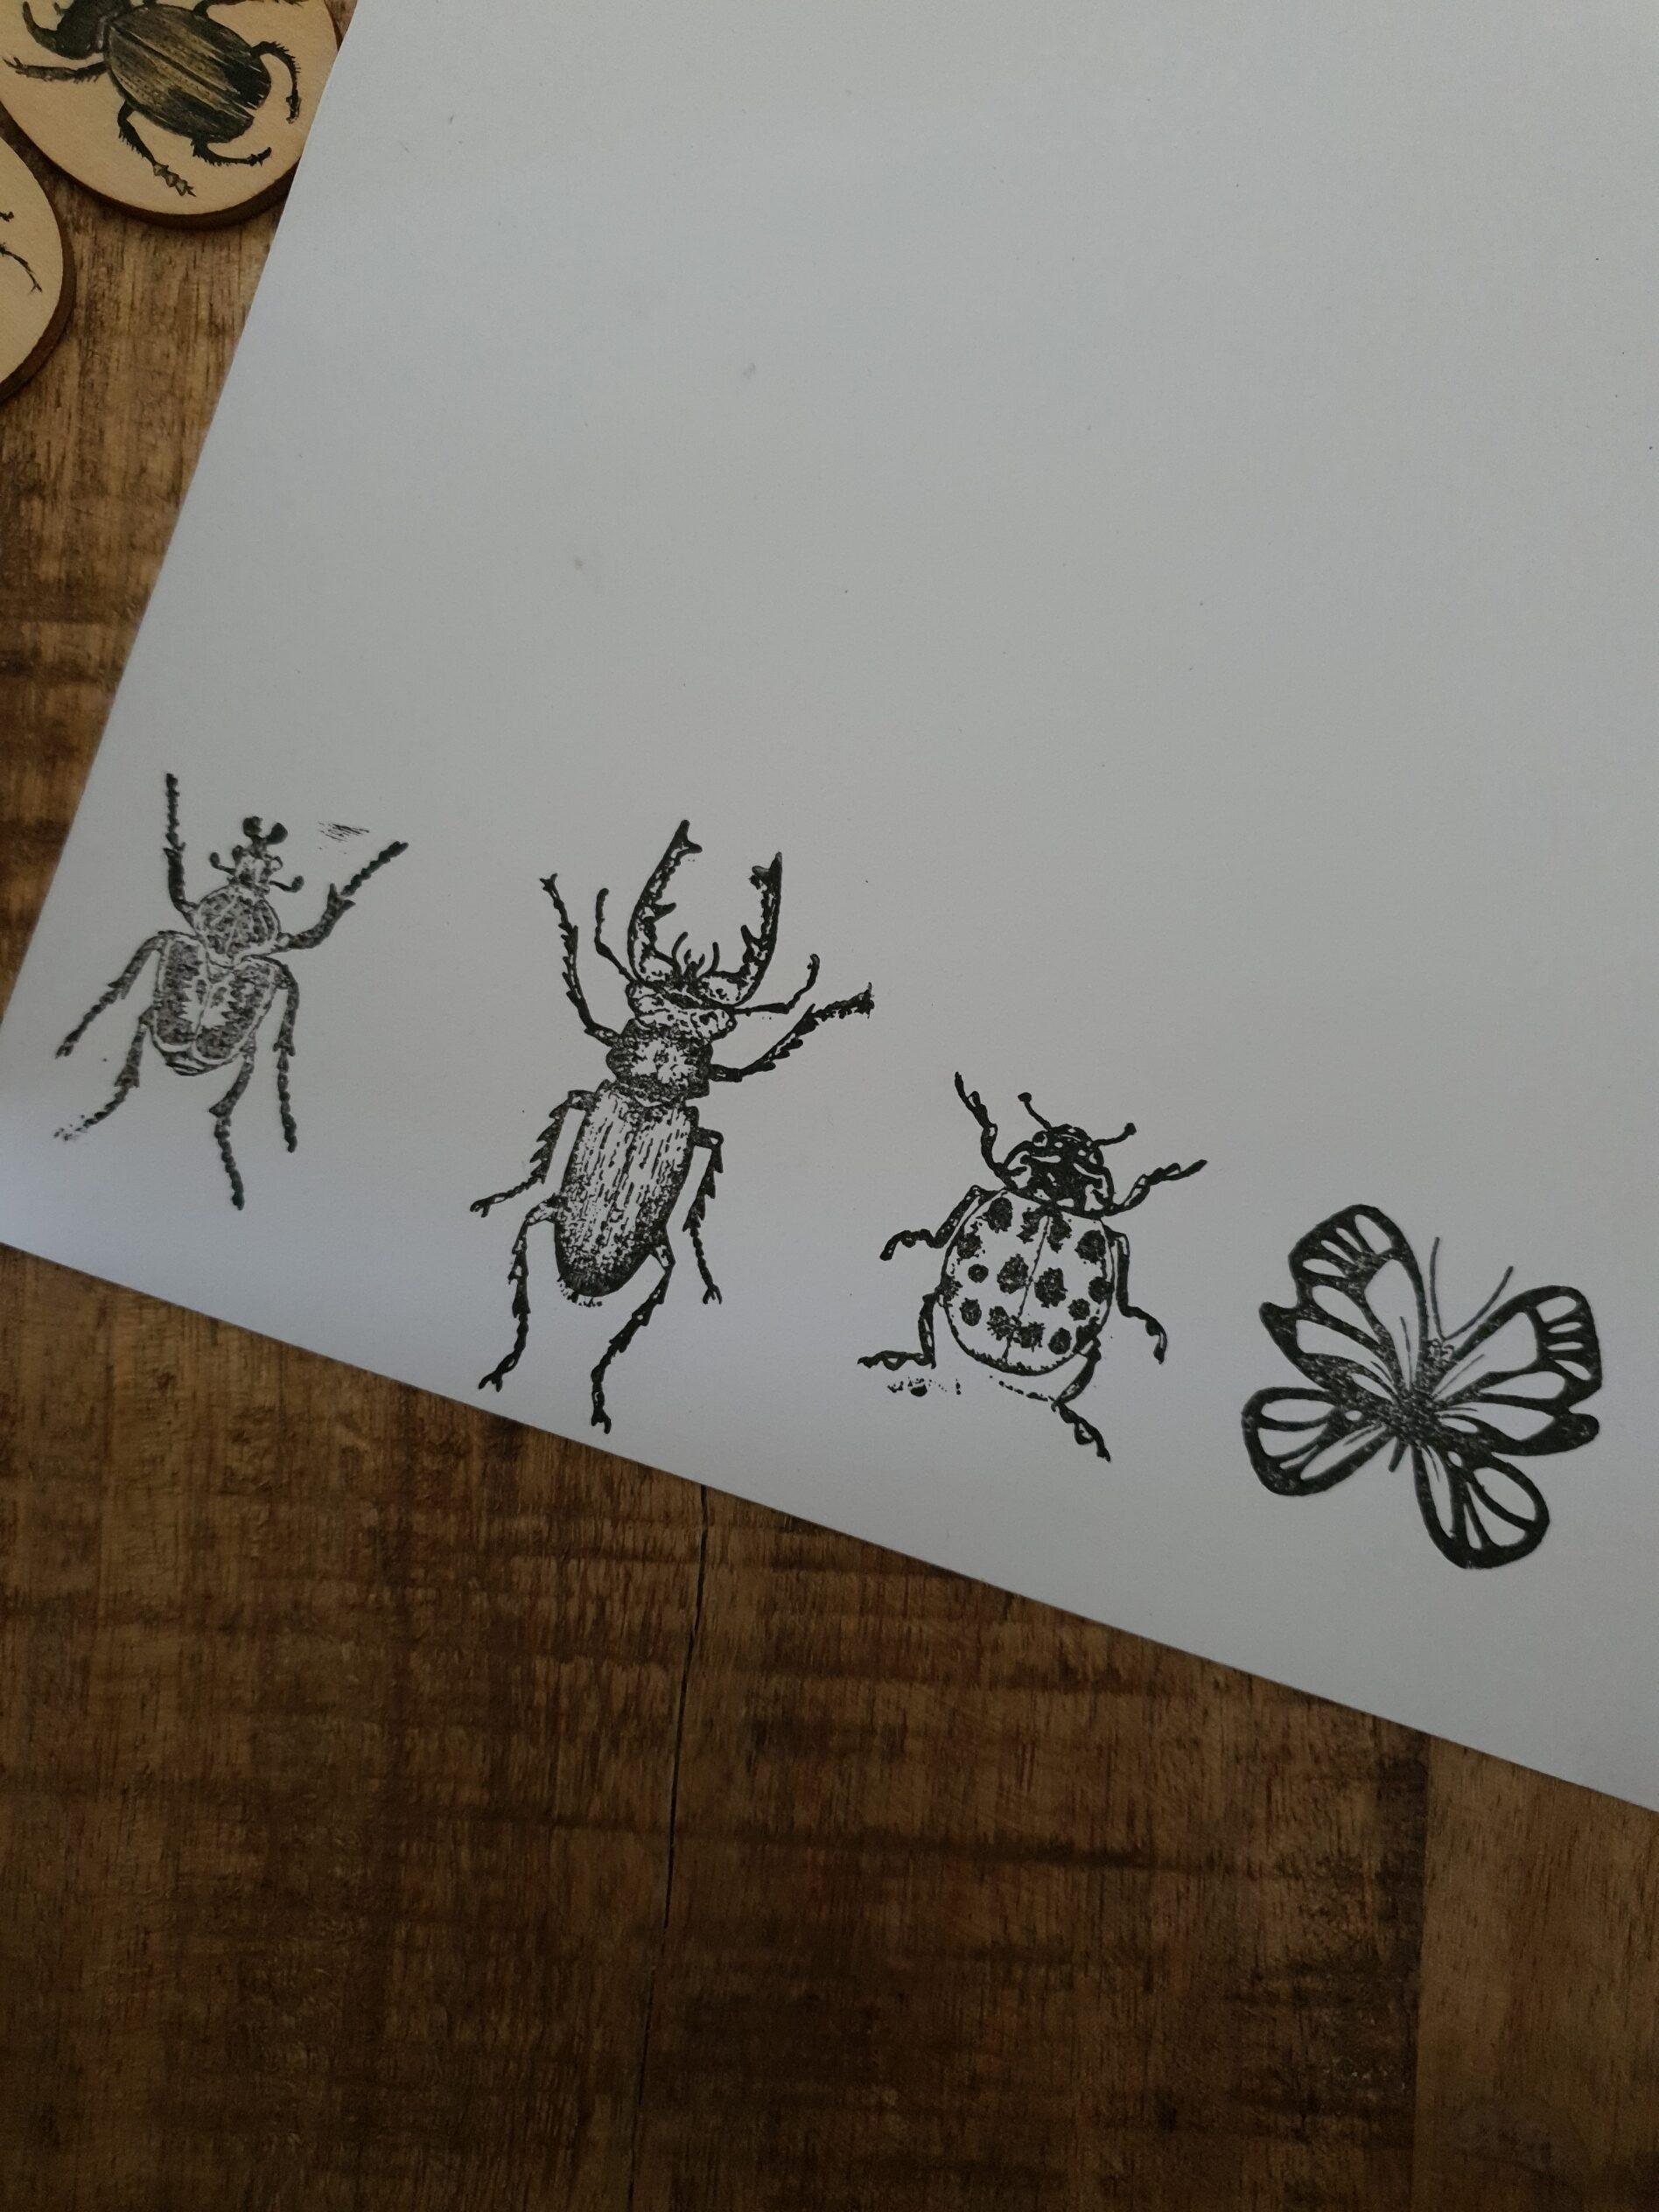 vier insecten op een wit vel gestempeld.